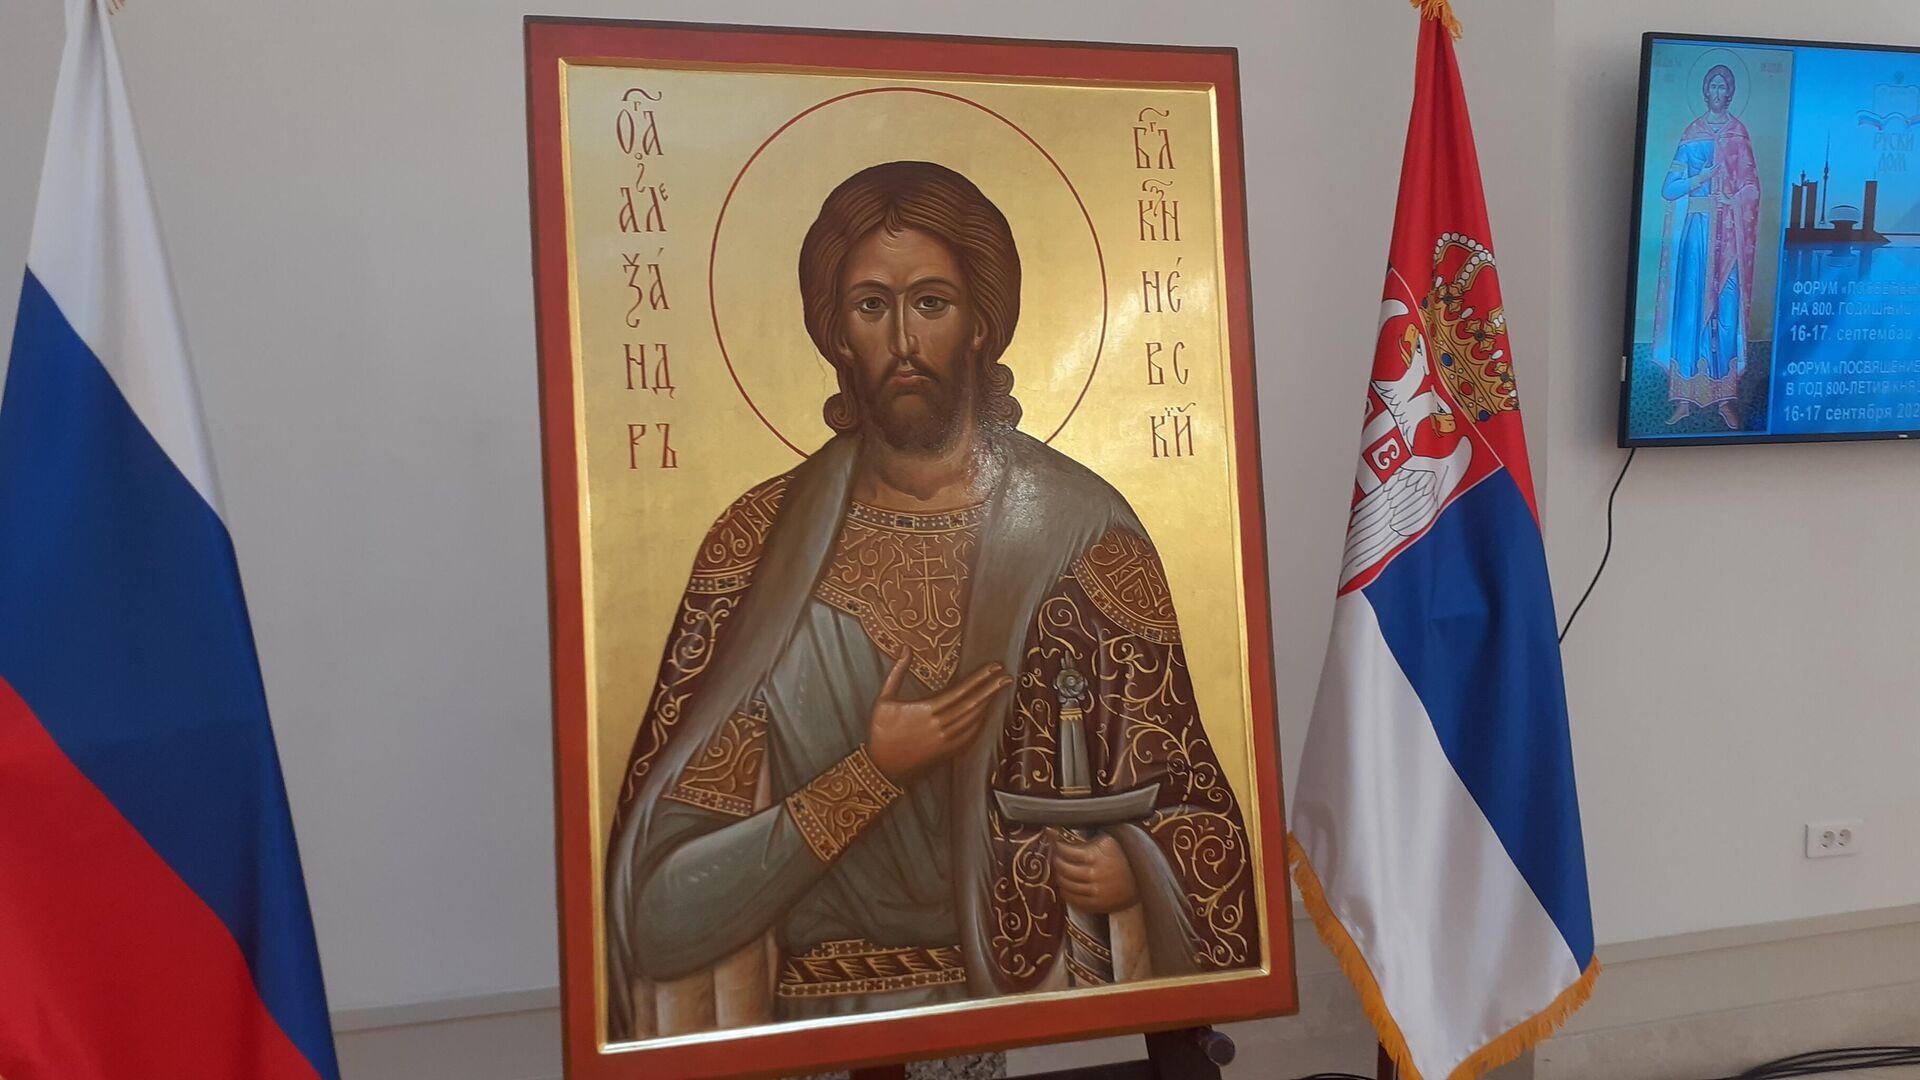 Ikona svetog kneza Aleksandra Nevskog - dar Hramu Aleksandra Nevskog u Banjaluci - Sputnik Srbija, 1920, 16.09.2021